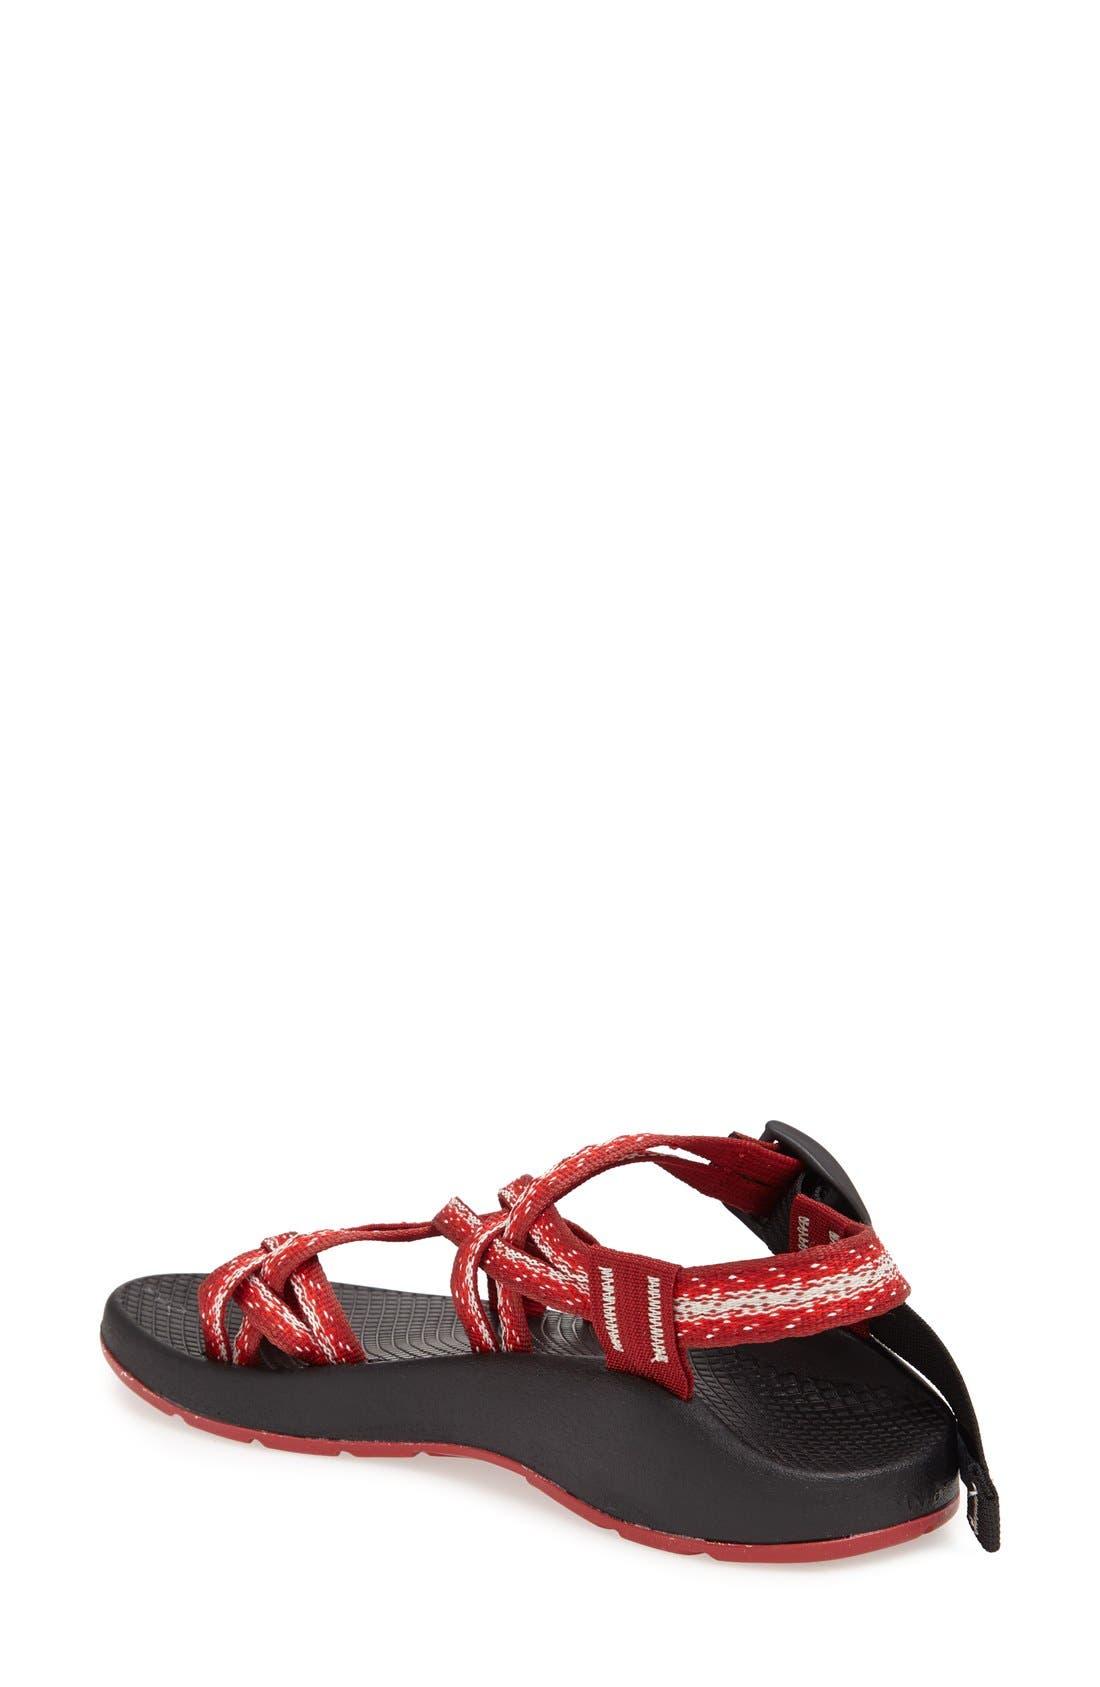 Alternate Image 2  - Chaco 'ZX2 Yampa' Sandal (Women)